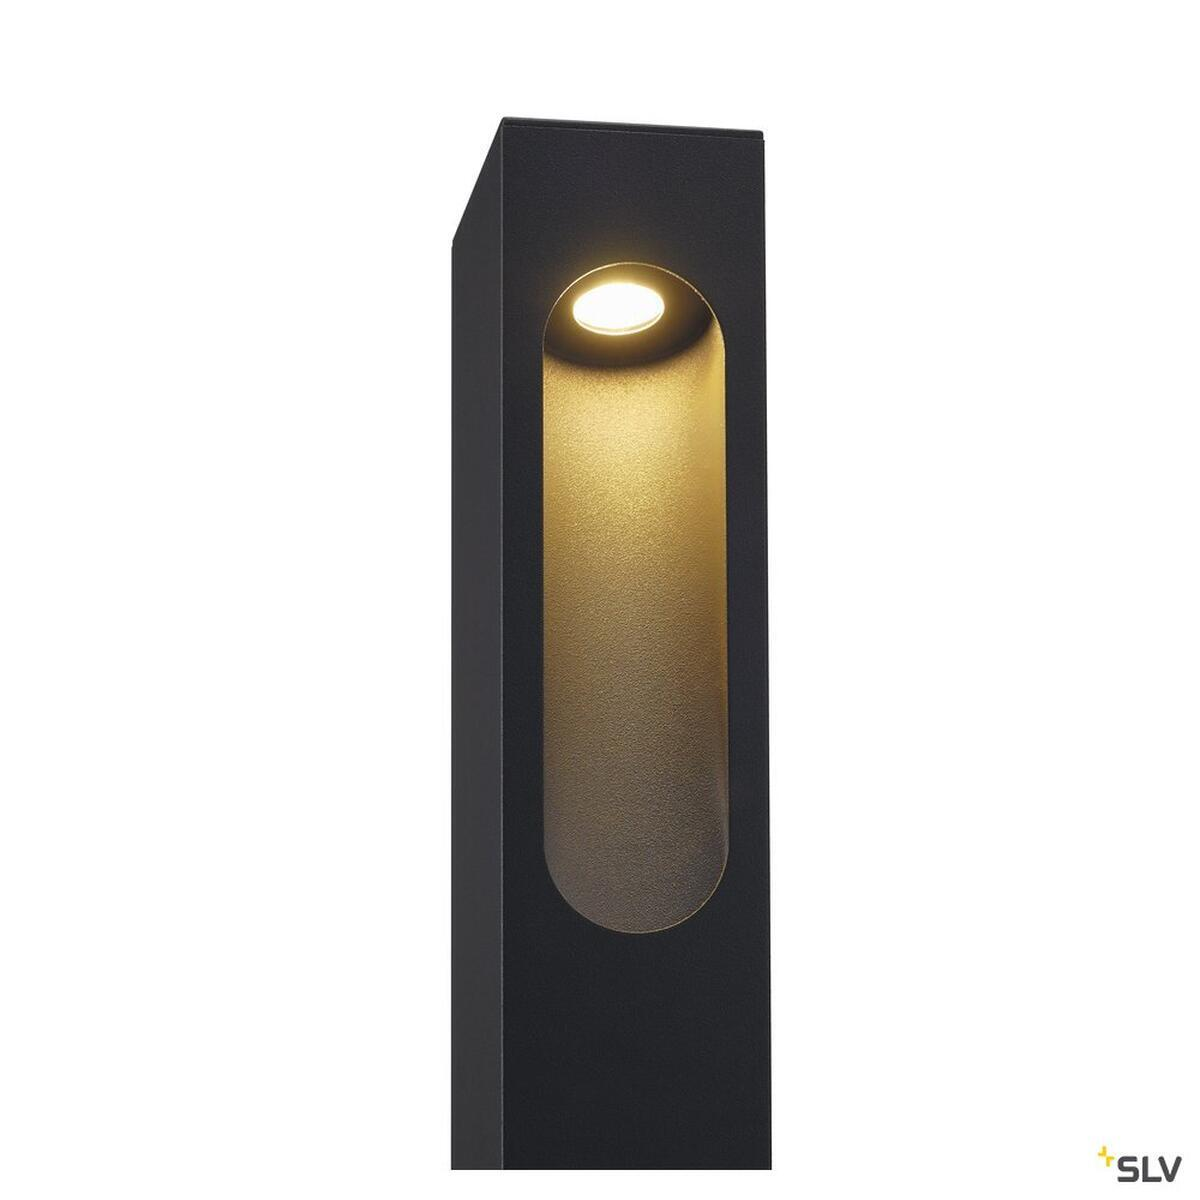 slotbox 40 stehleuchte eckig anthrazit led 6 8w slv 232135 97 49. Black Bedroom Furniture Sets. Home Design Ideas